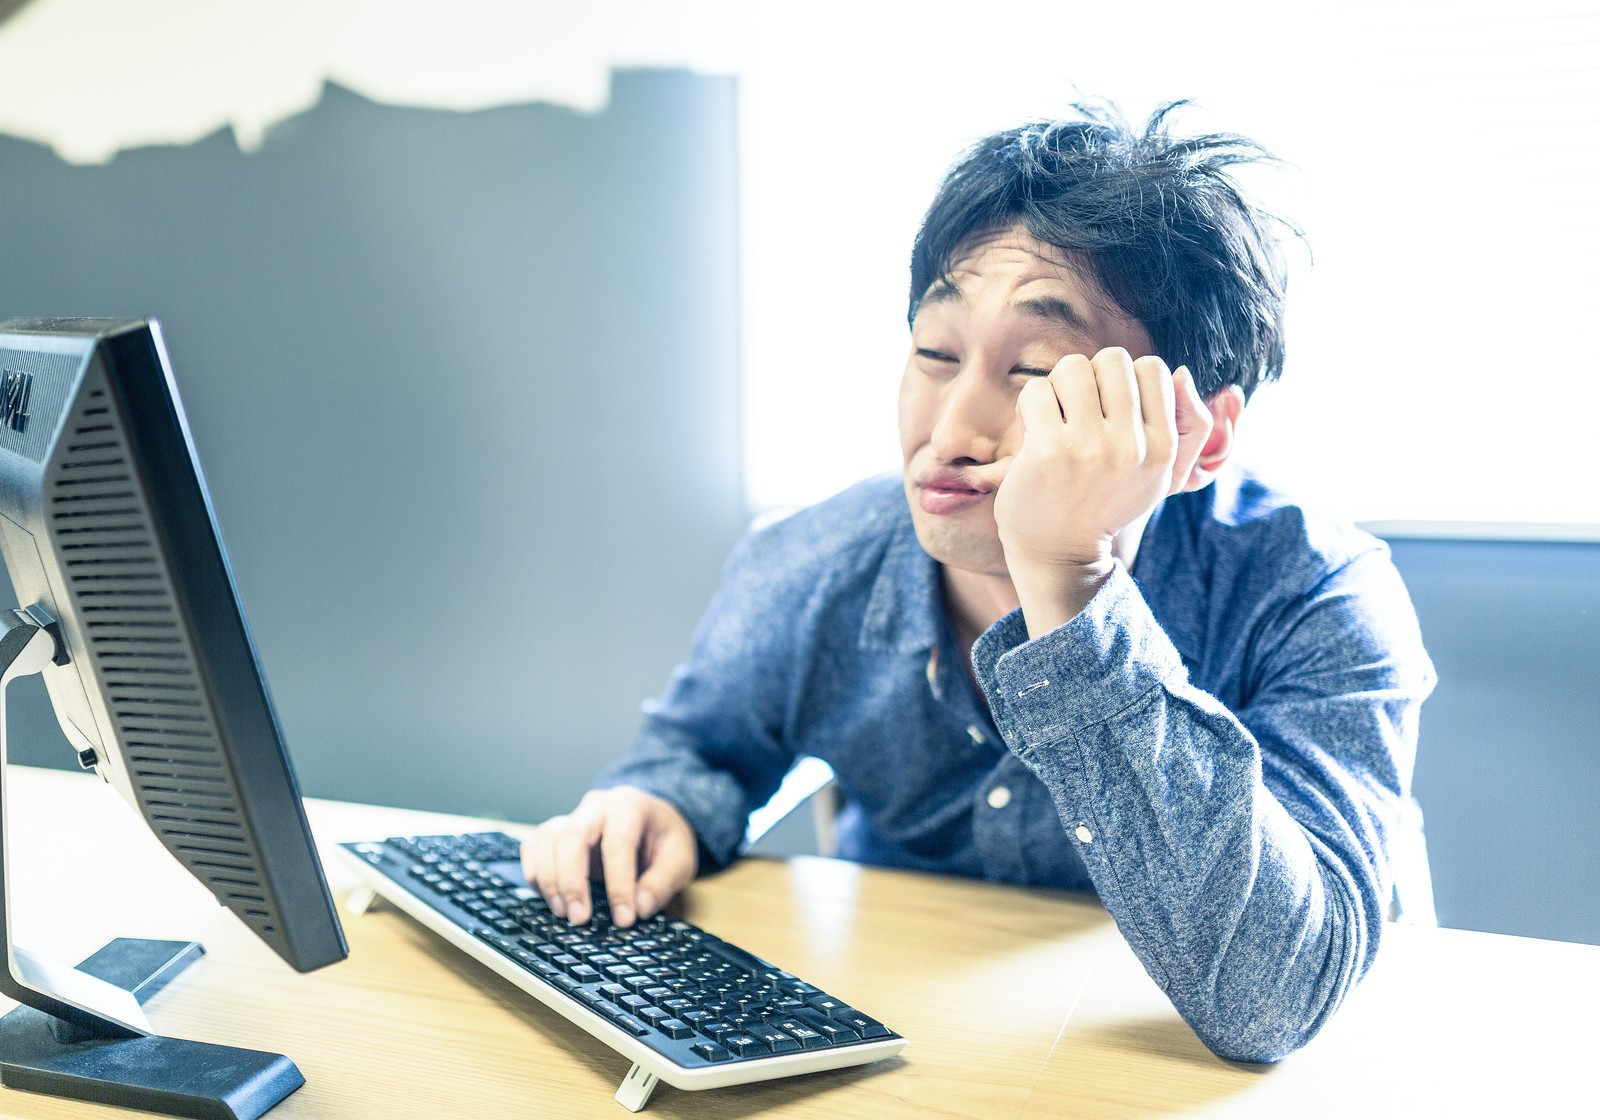 プログラミングの仕事がきついと言われる理由は何か?